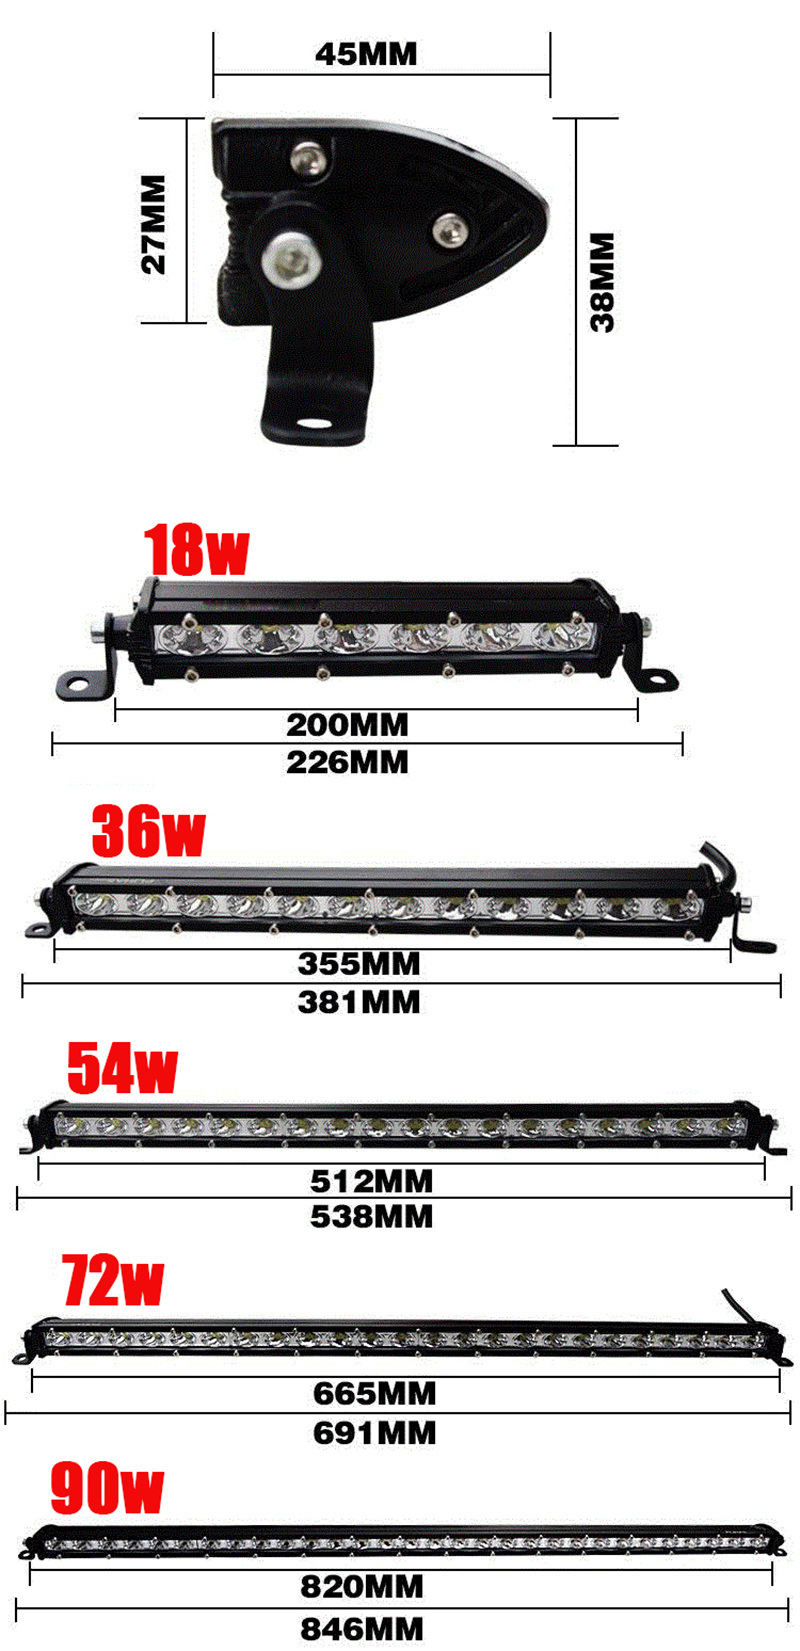 super slim Straight Single Row led light bar offroad work light spot beam driving workling lamp barra led work bulb SUV ATV 4x4 4WD UTV RZV Trailer Driving Yellow White 3000k fog light foglight foglamp headlight (1 (7)